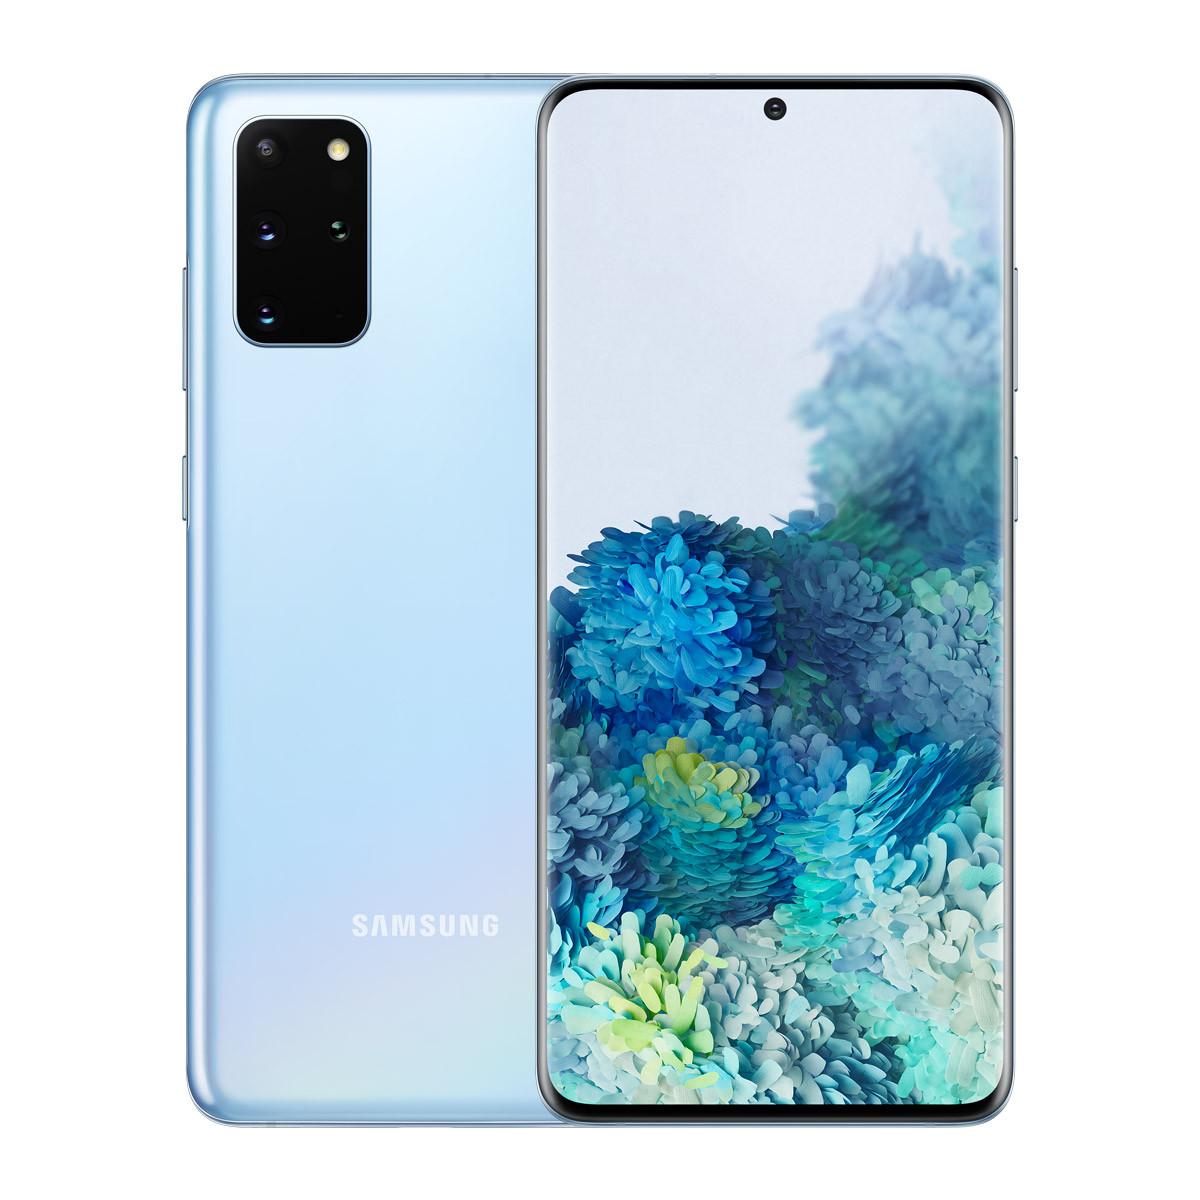 三星三星Galaxy S20+ 骁龙865  5G全网通手机游戏手机  12+128GGalaxy S20+/12+128G/浮氧蓝/标准套餐